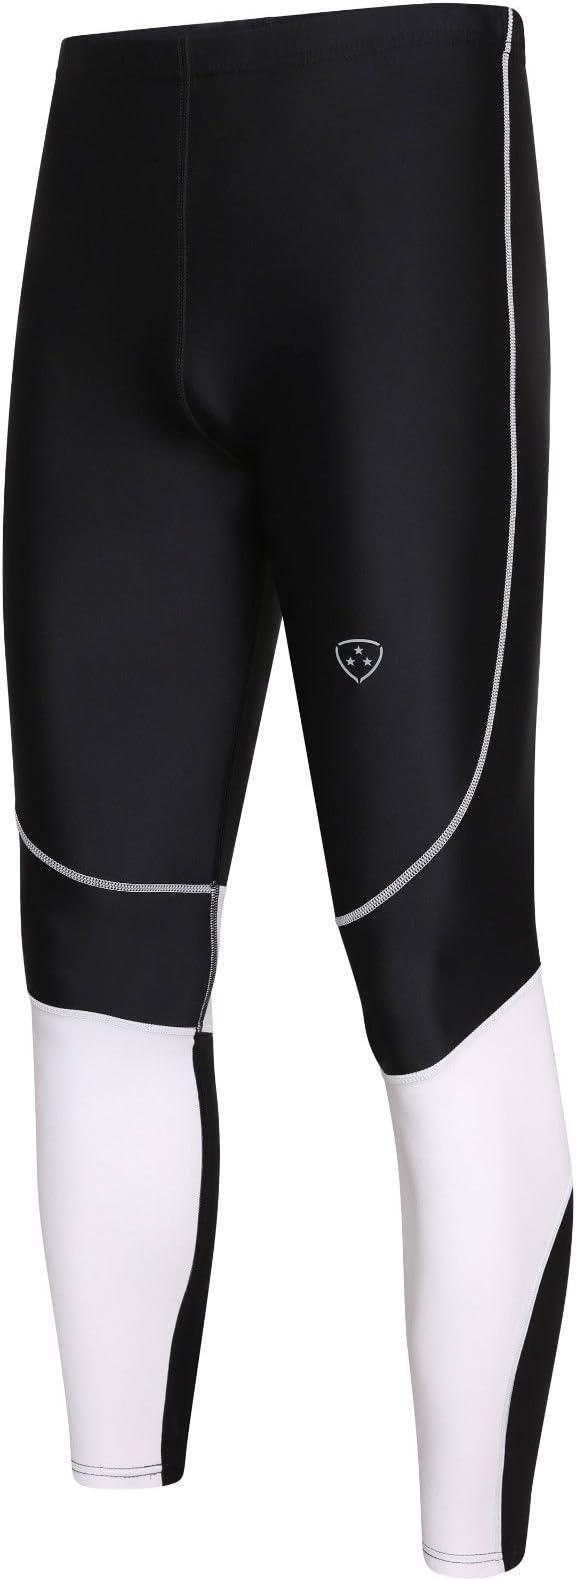 Pantalón de Running, Pantalón de Correr, Mallas compresivas ...